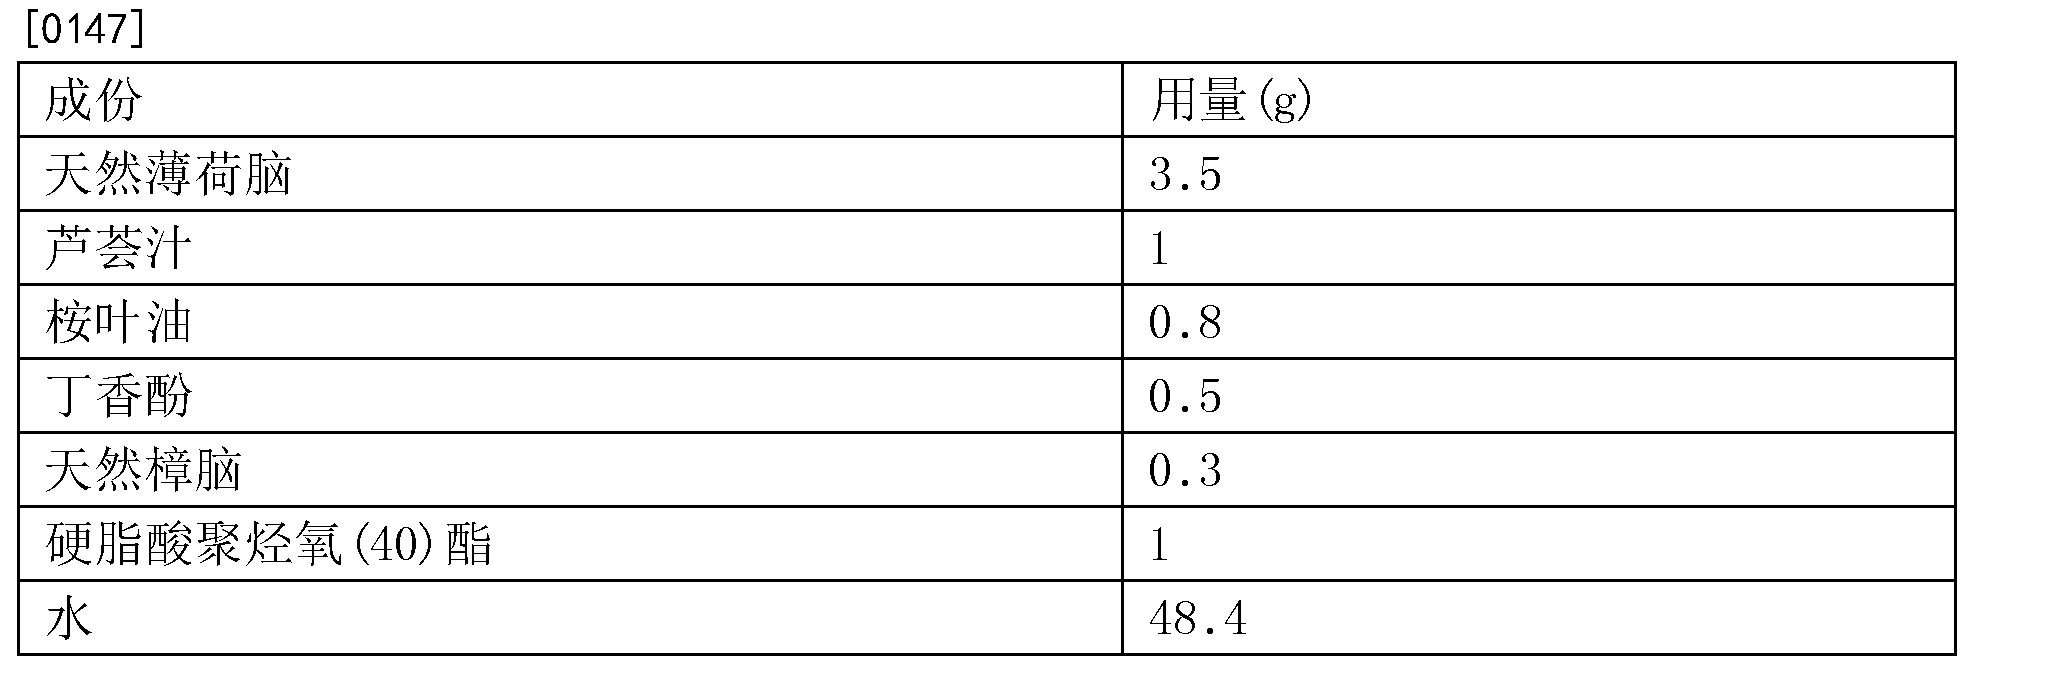 Figure CN105770237BD00172